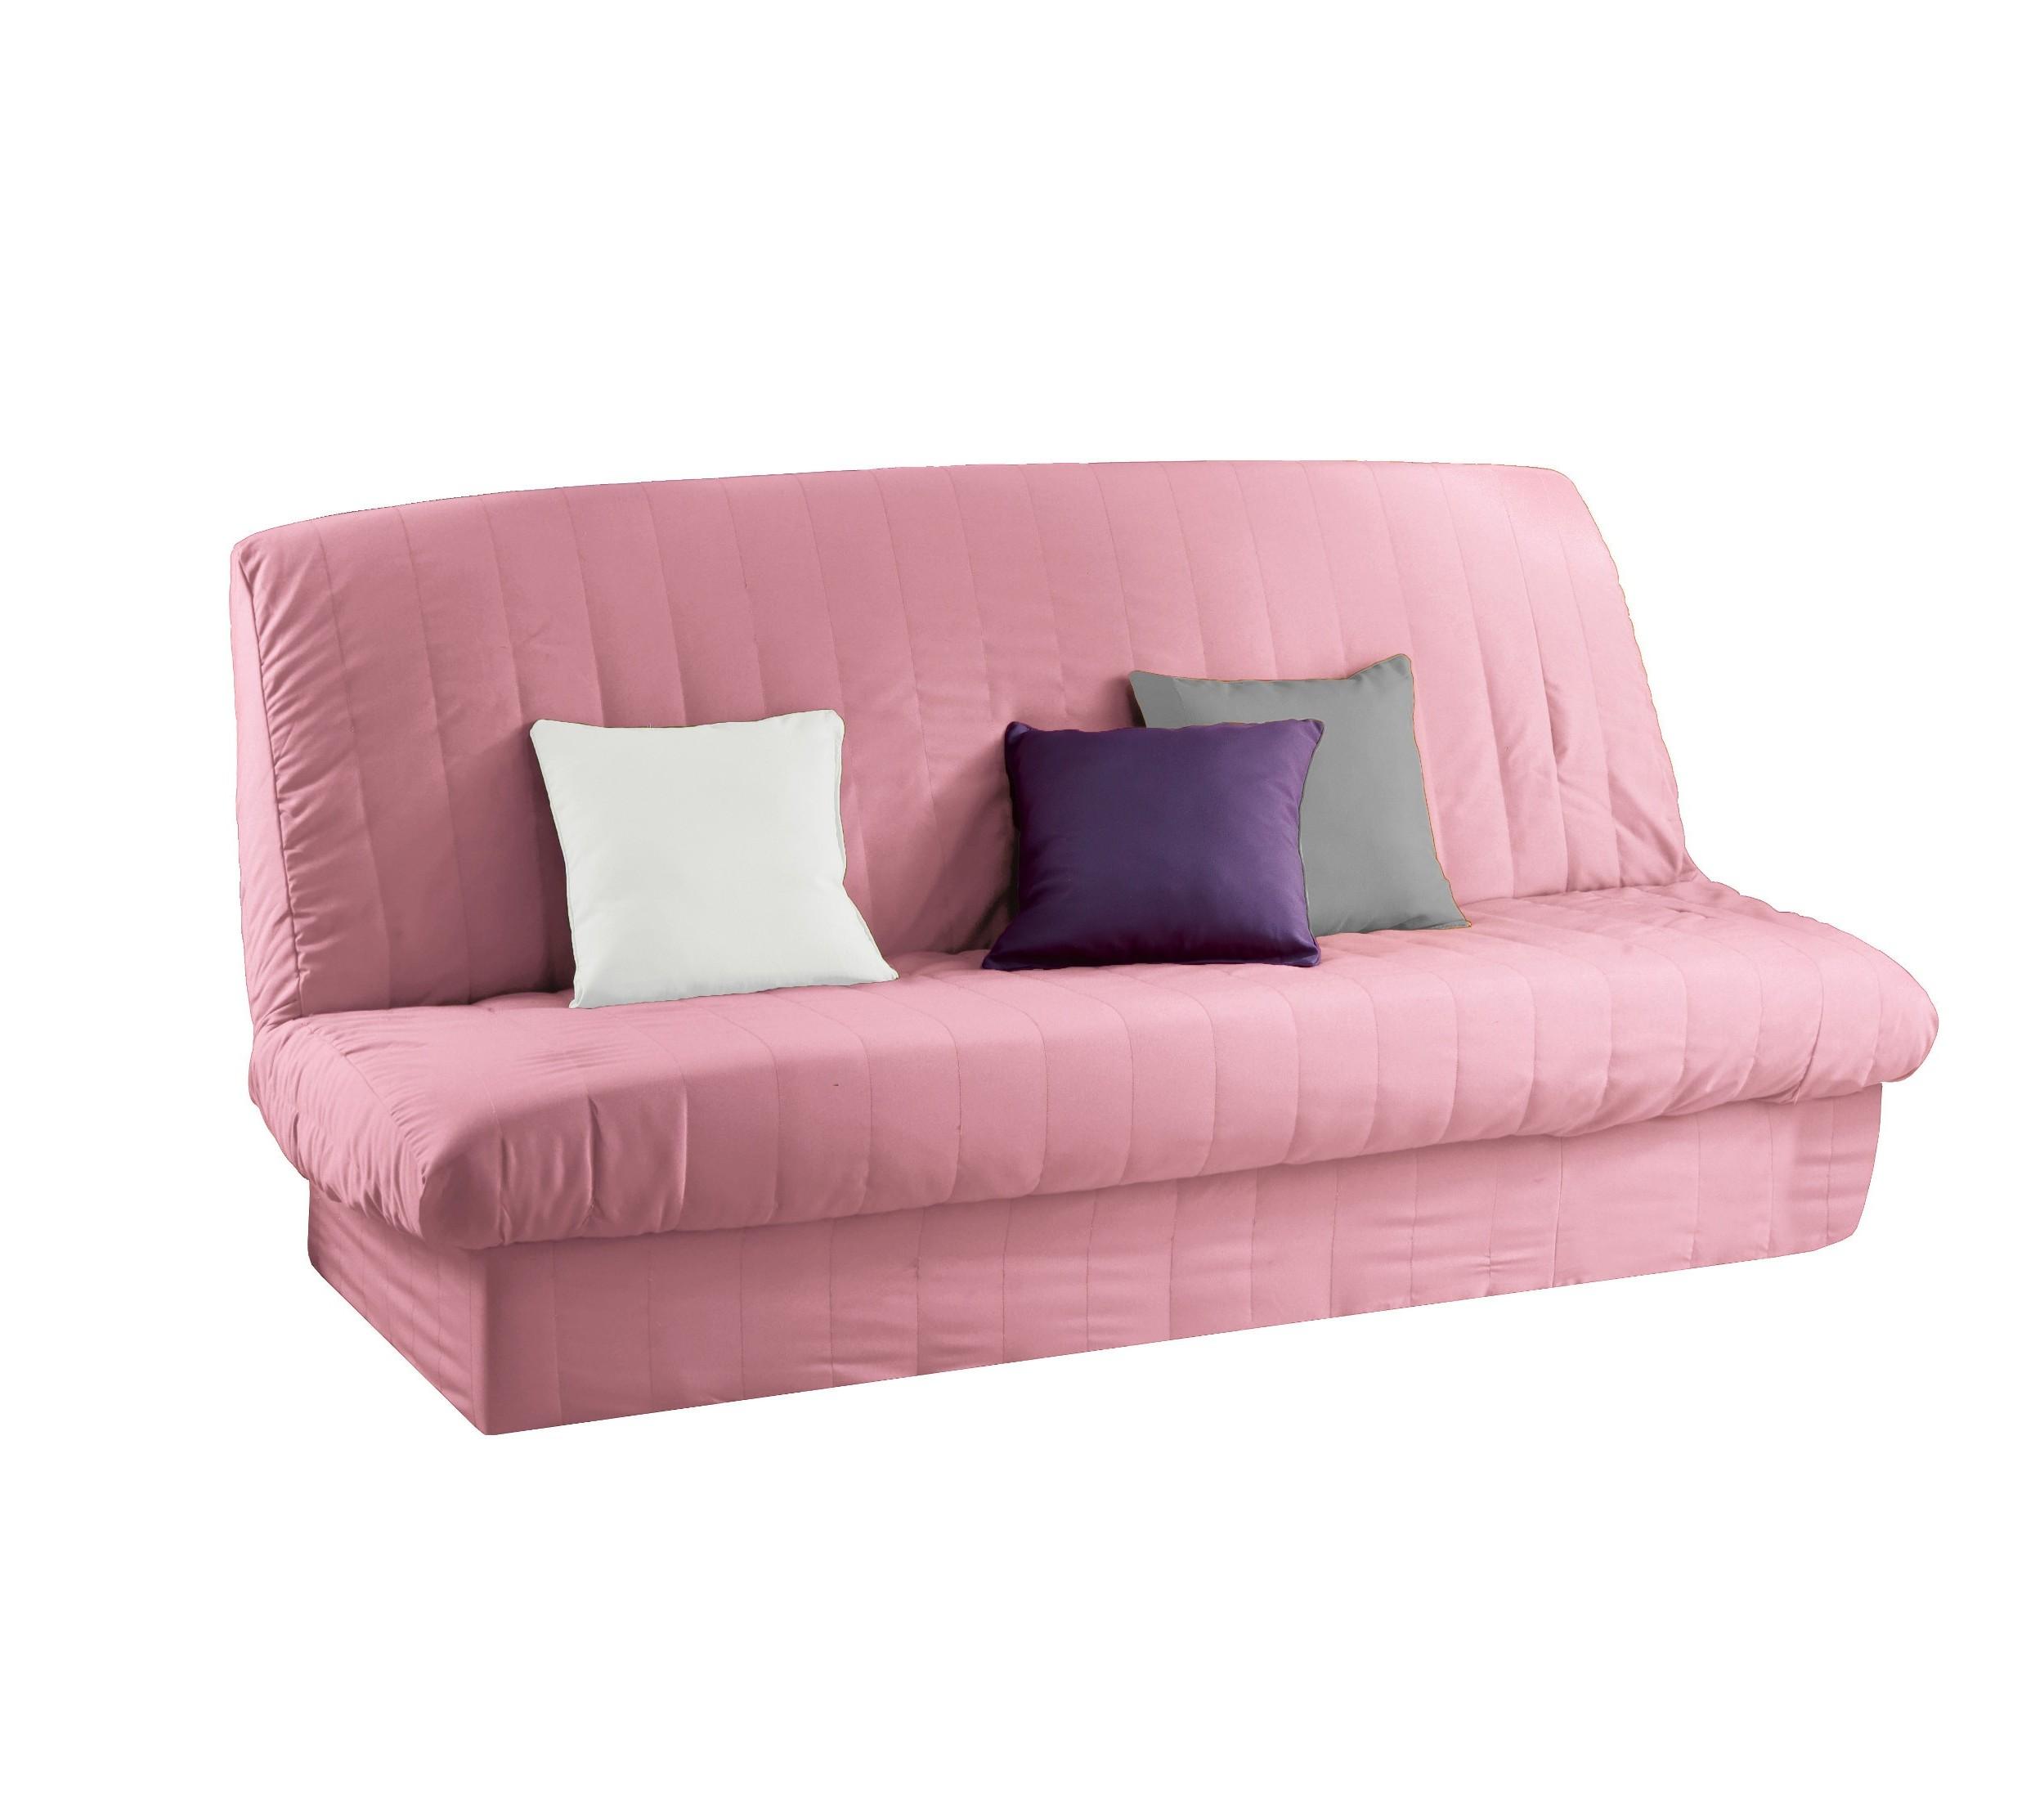 clic clac argenteuil matelas 18cm espace du sommeil. Black Bedroom Furniture Sets. Home Design Ideas